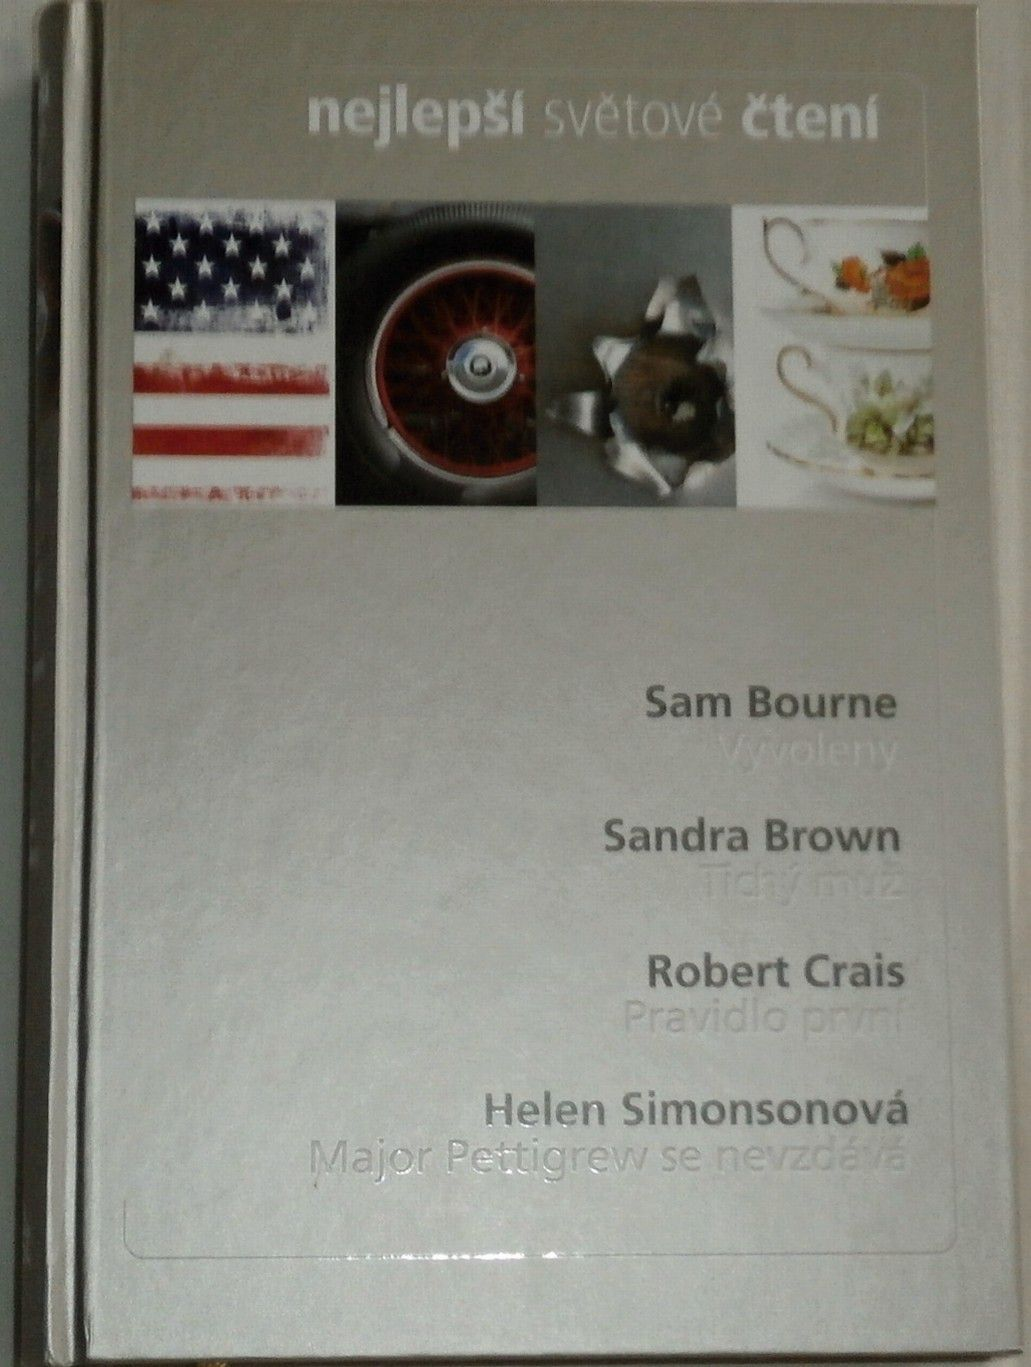 Nejlepší světové čtení - Bourne, Brown, Crais, Simonsonová